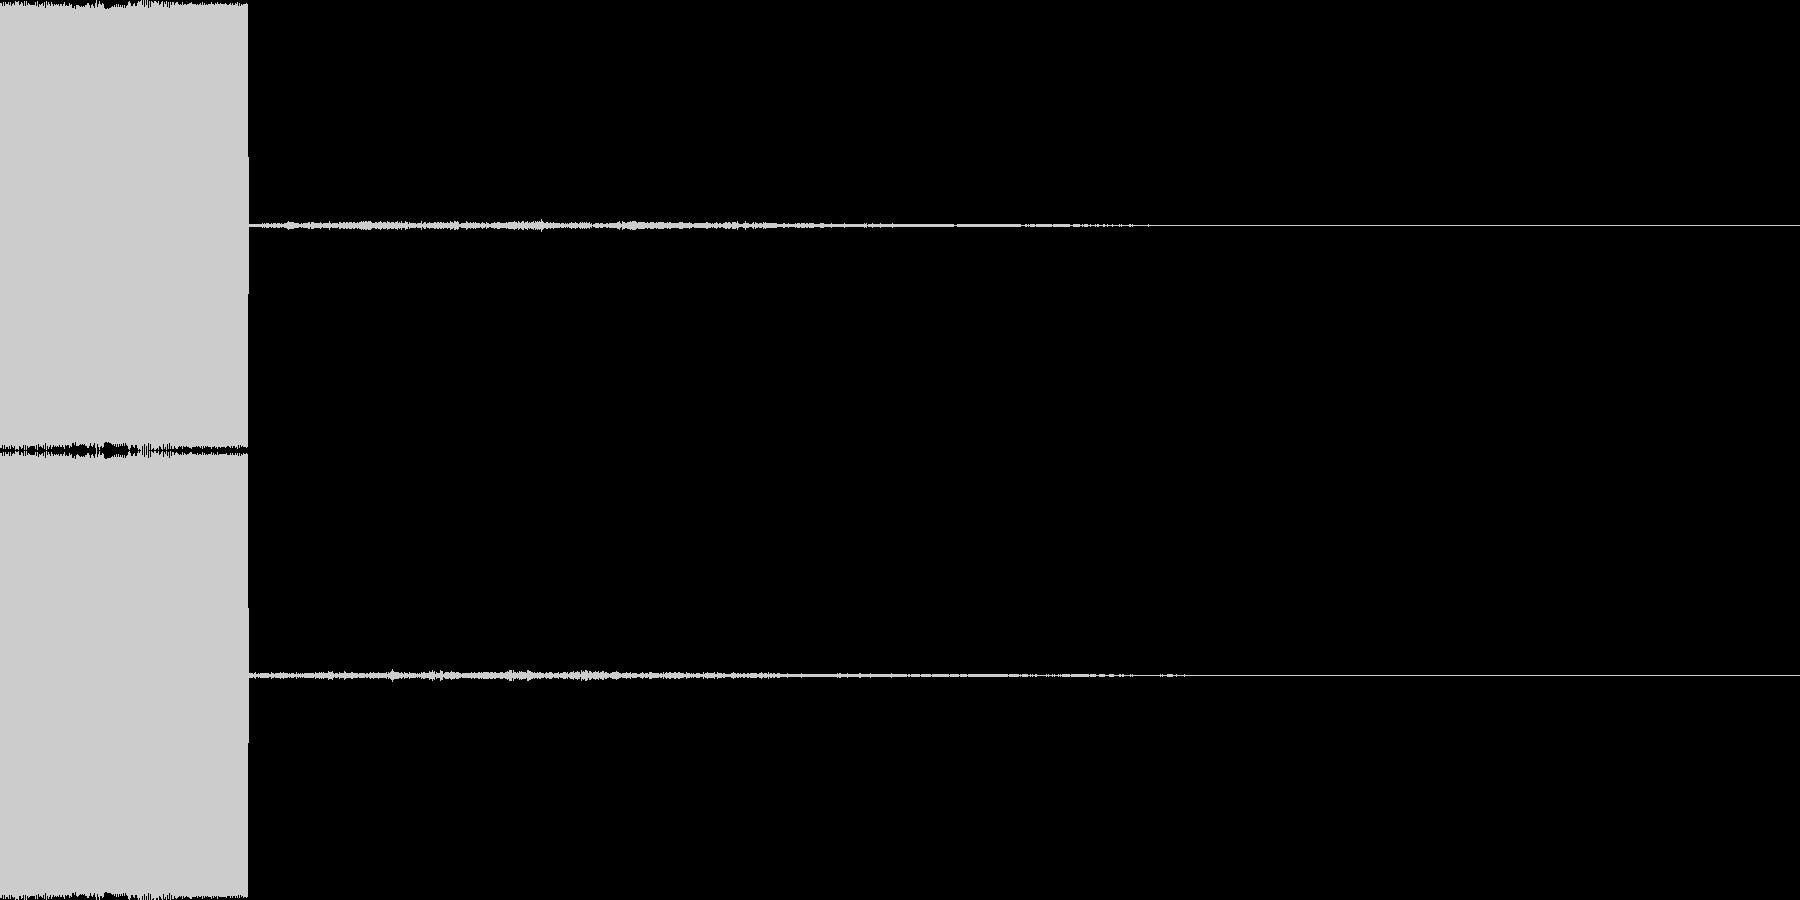 決定音・選択音・入手音【8】の未再生の波形